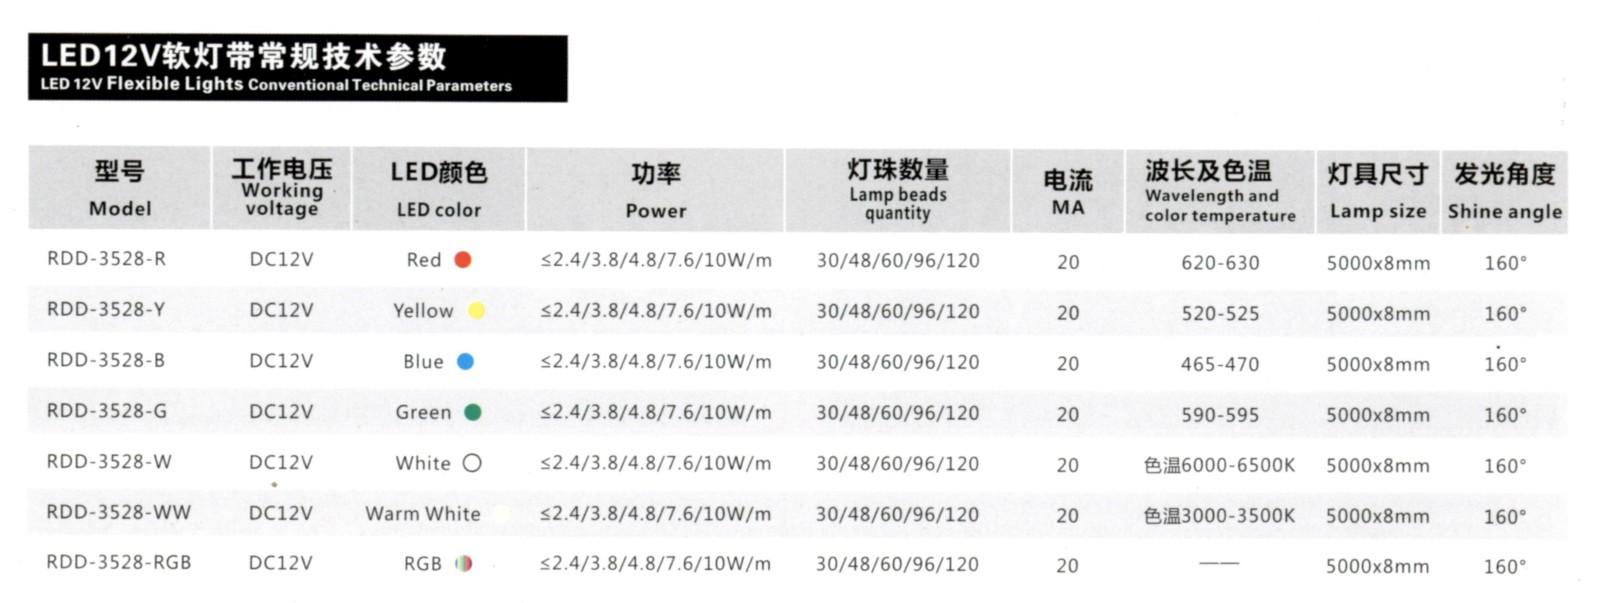 LED12V软灯带Model∶RDD-3528-12V参数.jpg